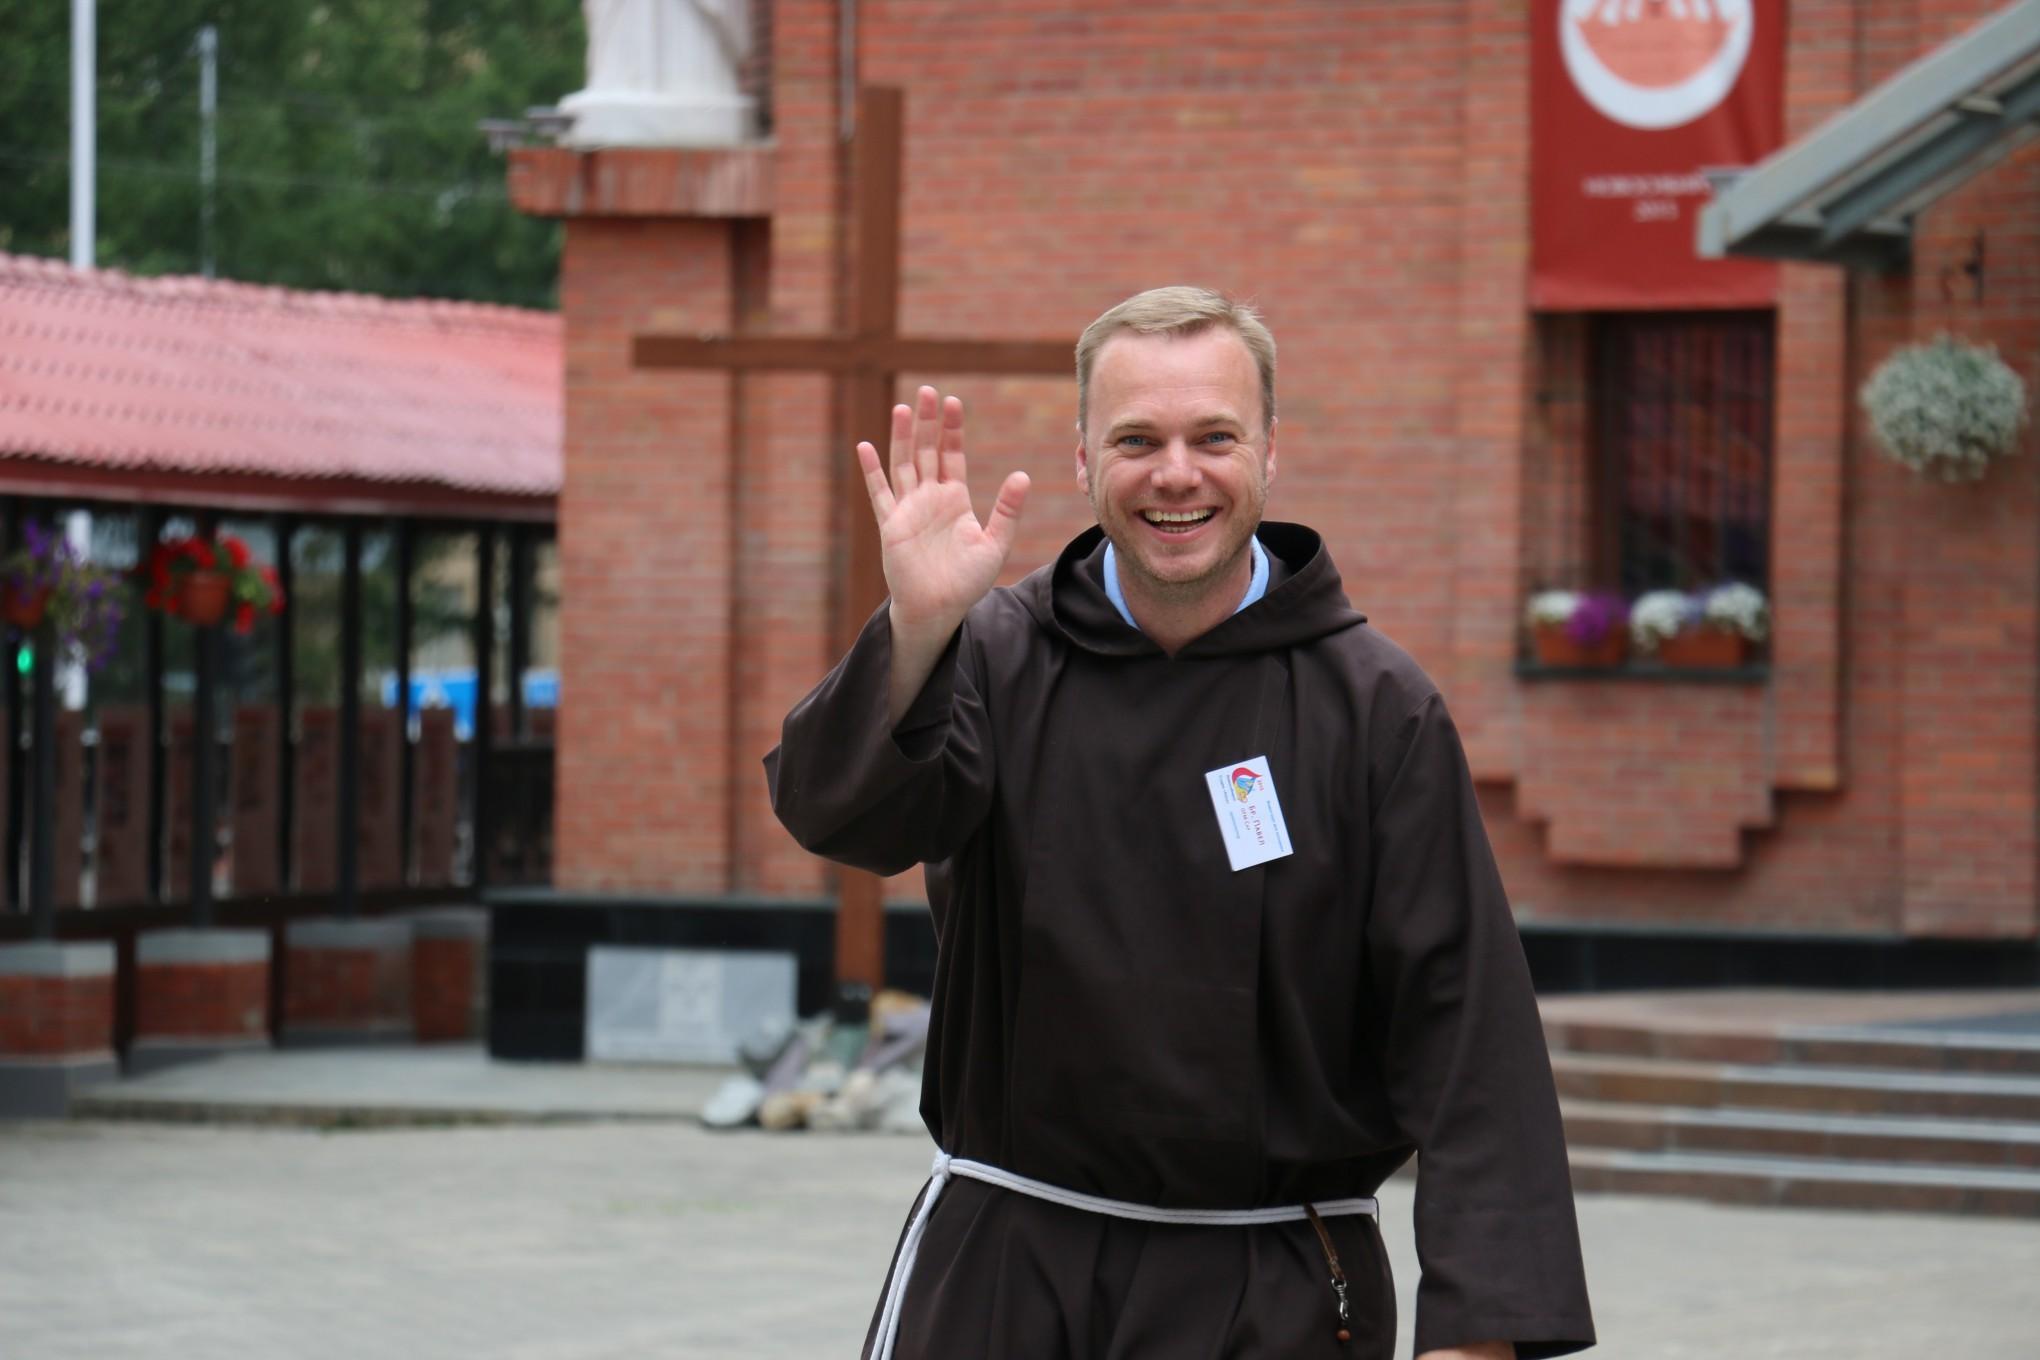 Брат Павел Теперский поделился фото- и видео-материалами VII Всероссийской встречи молодежи в Новосибирске